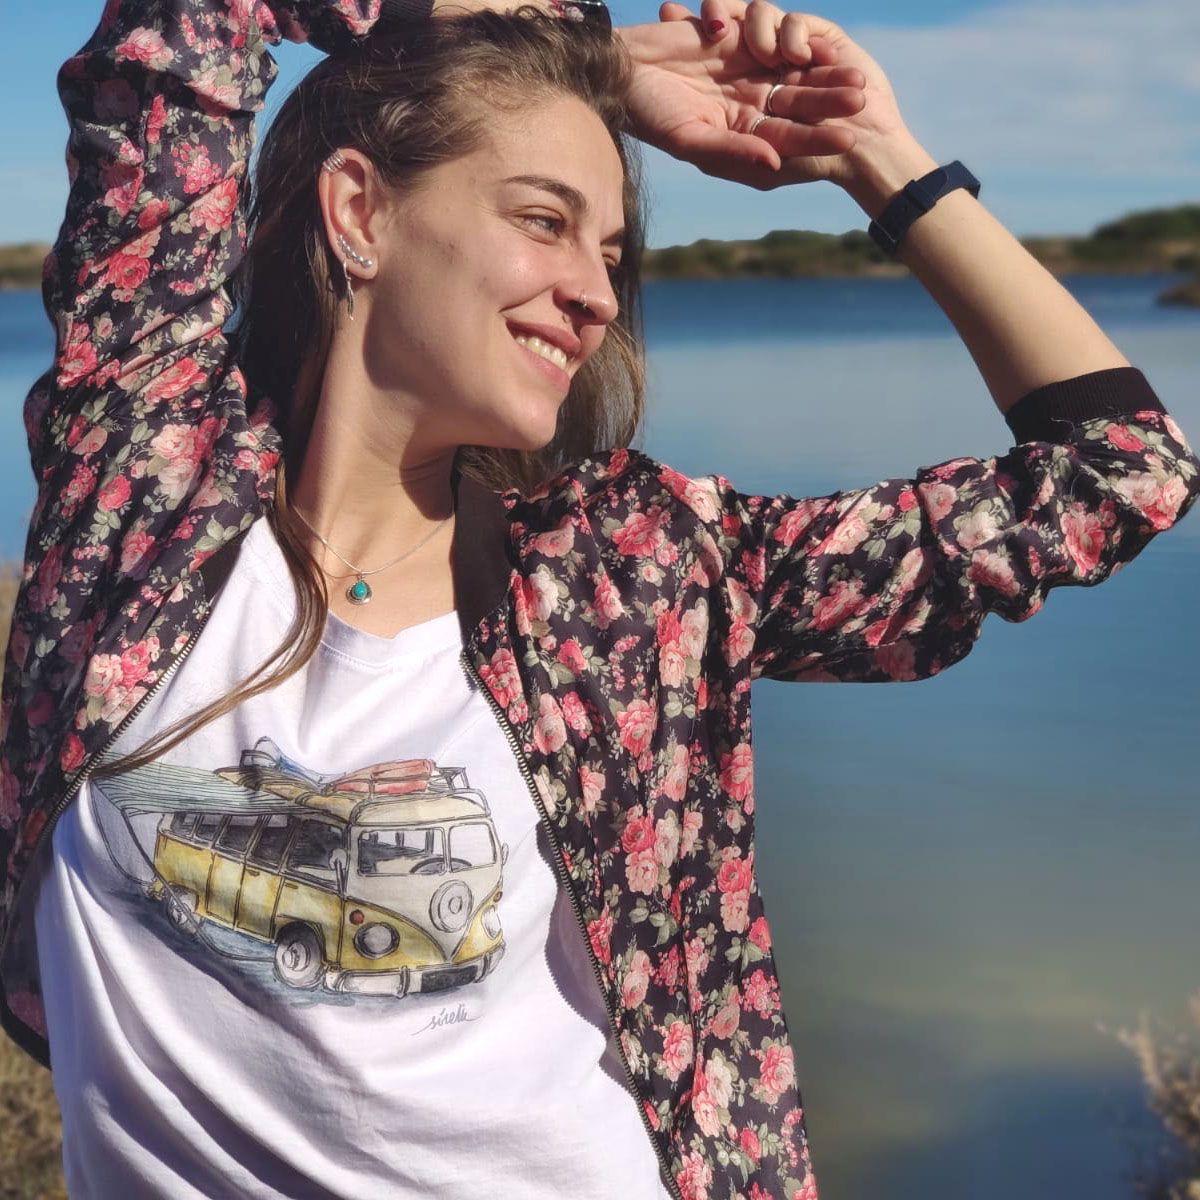 camiseta furgoneta vw camper-algodon organico-sirem wild-mujer manga corta-blanca